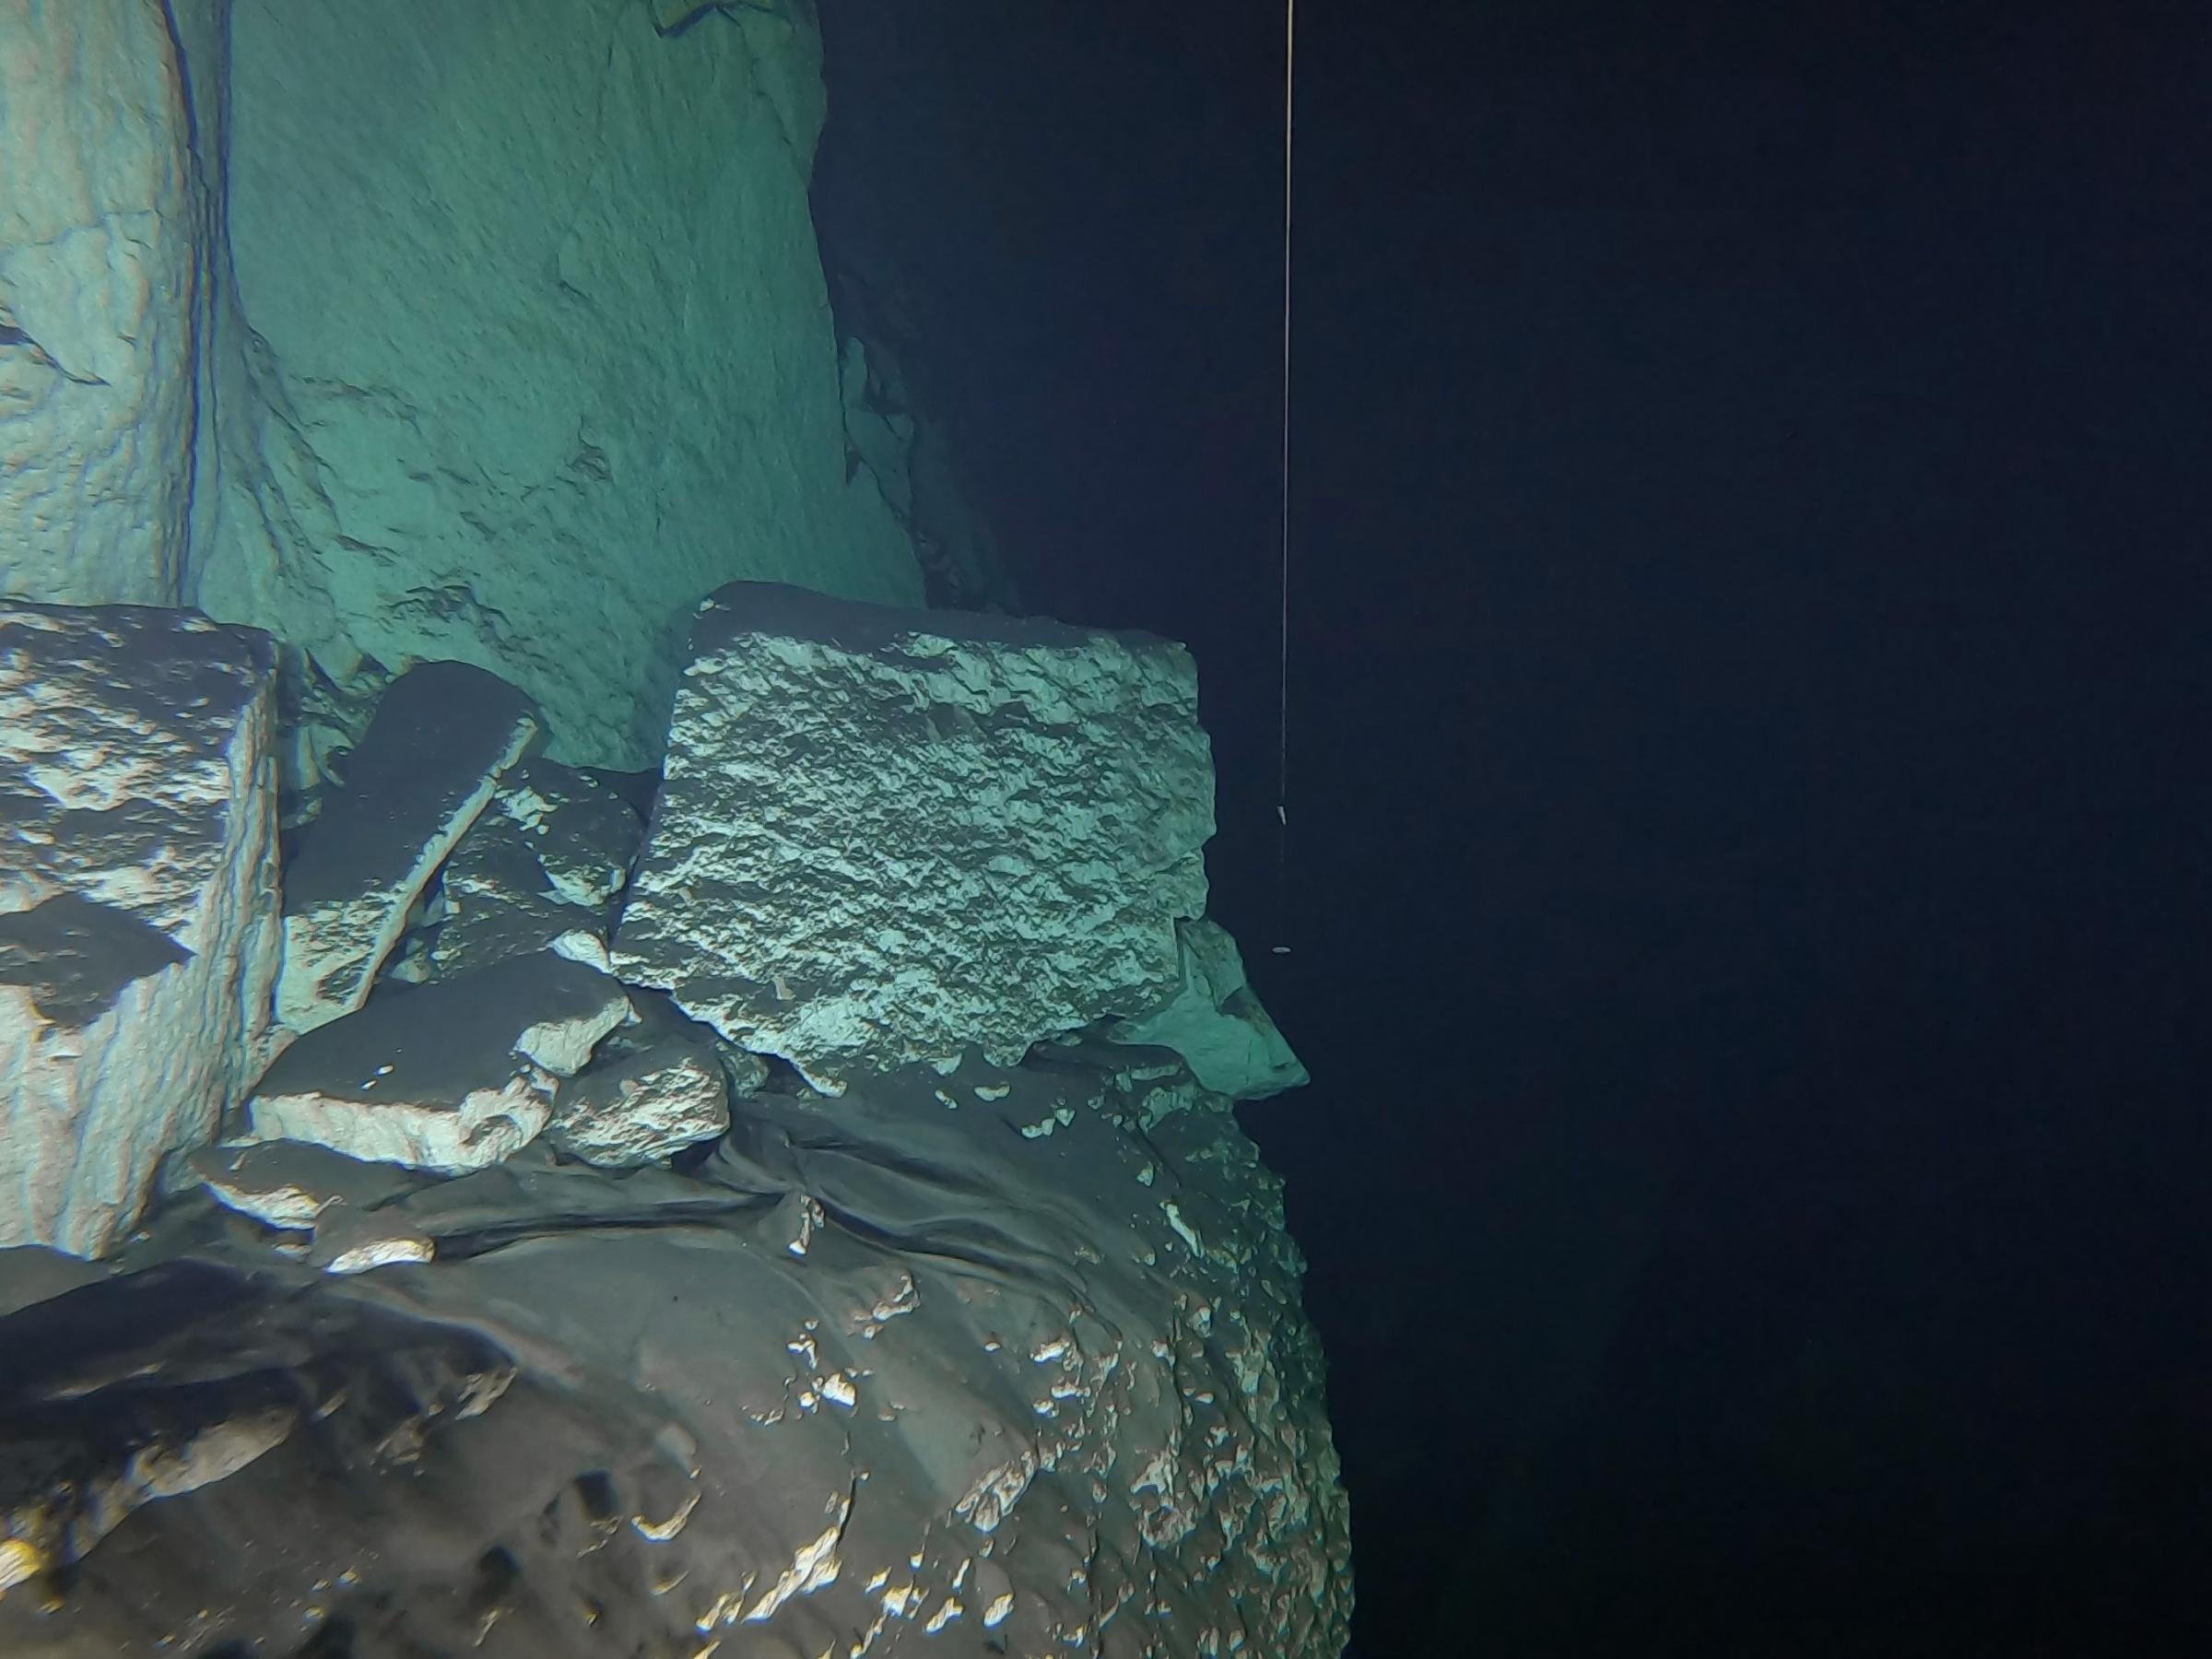 Lines in Harq Hamiem Cave [Adam Sant]